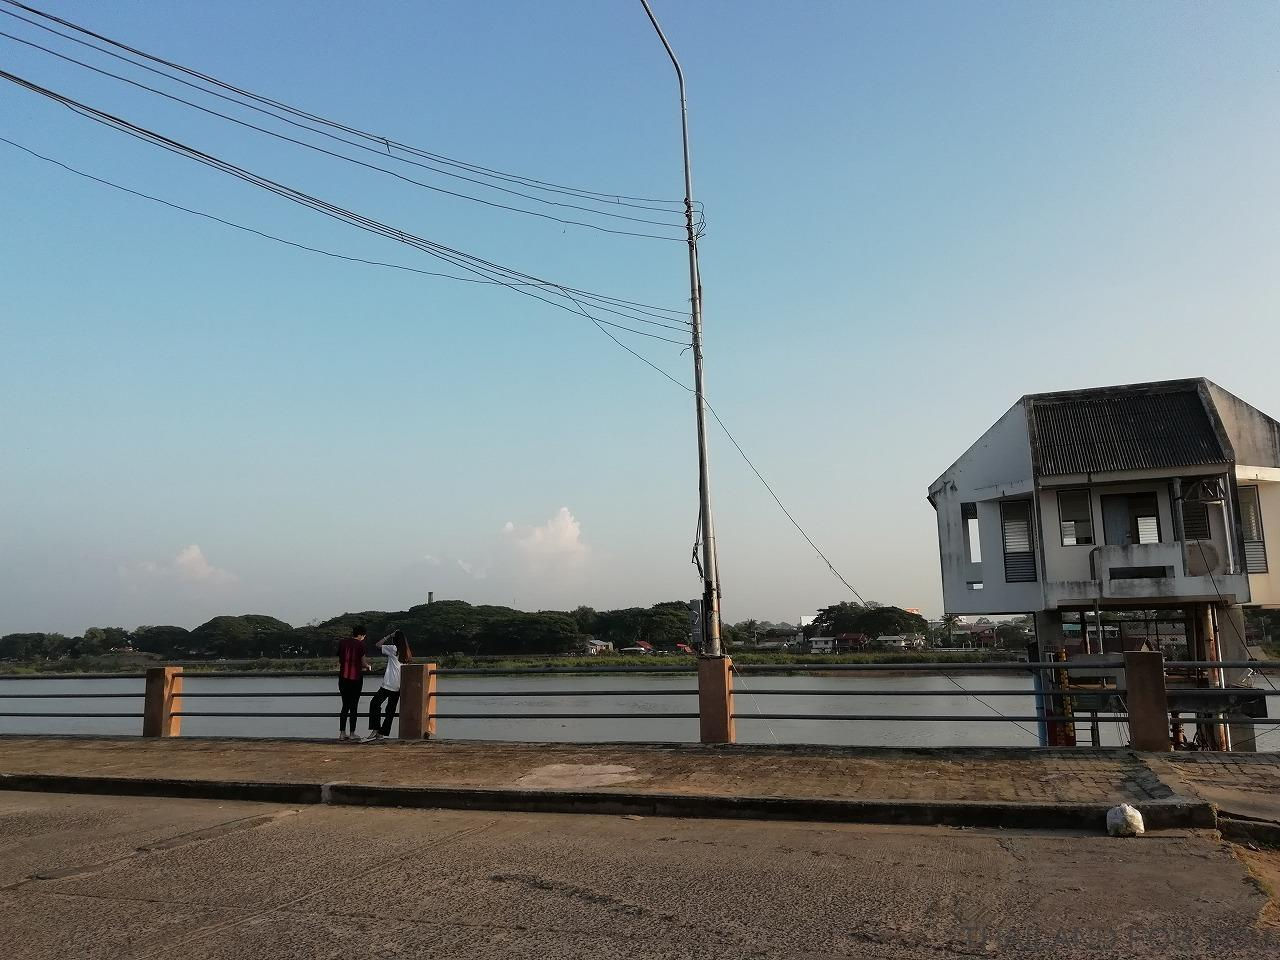 ウボンラチャタニ ムーン川 写真